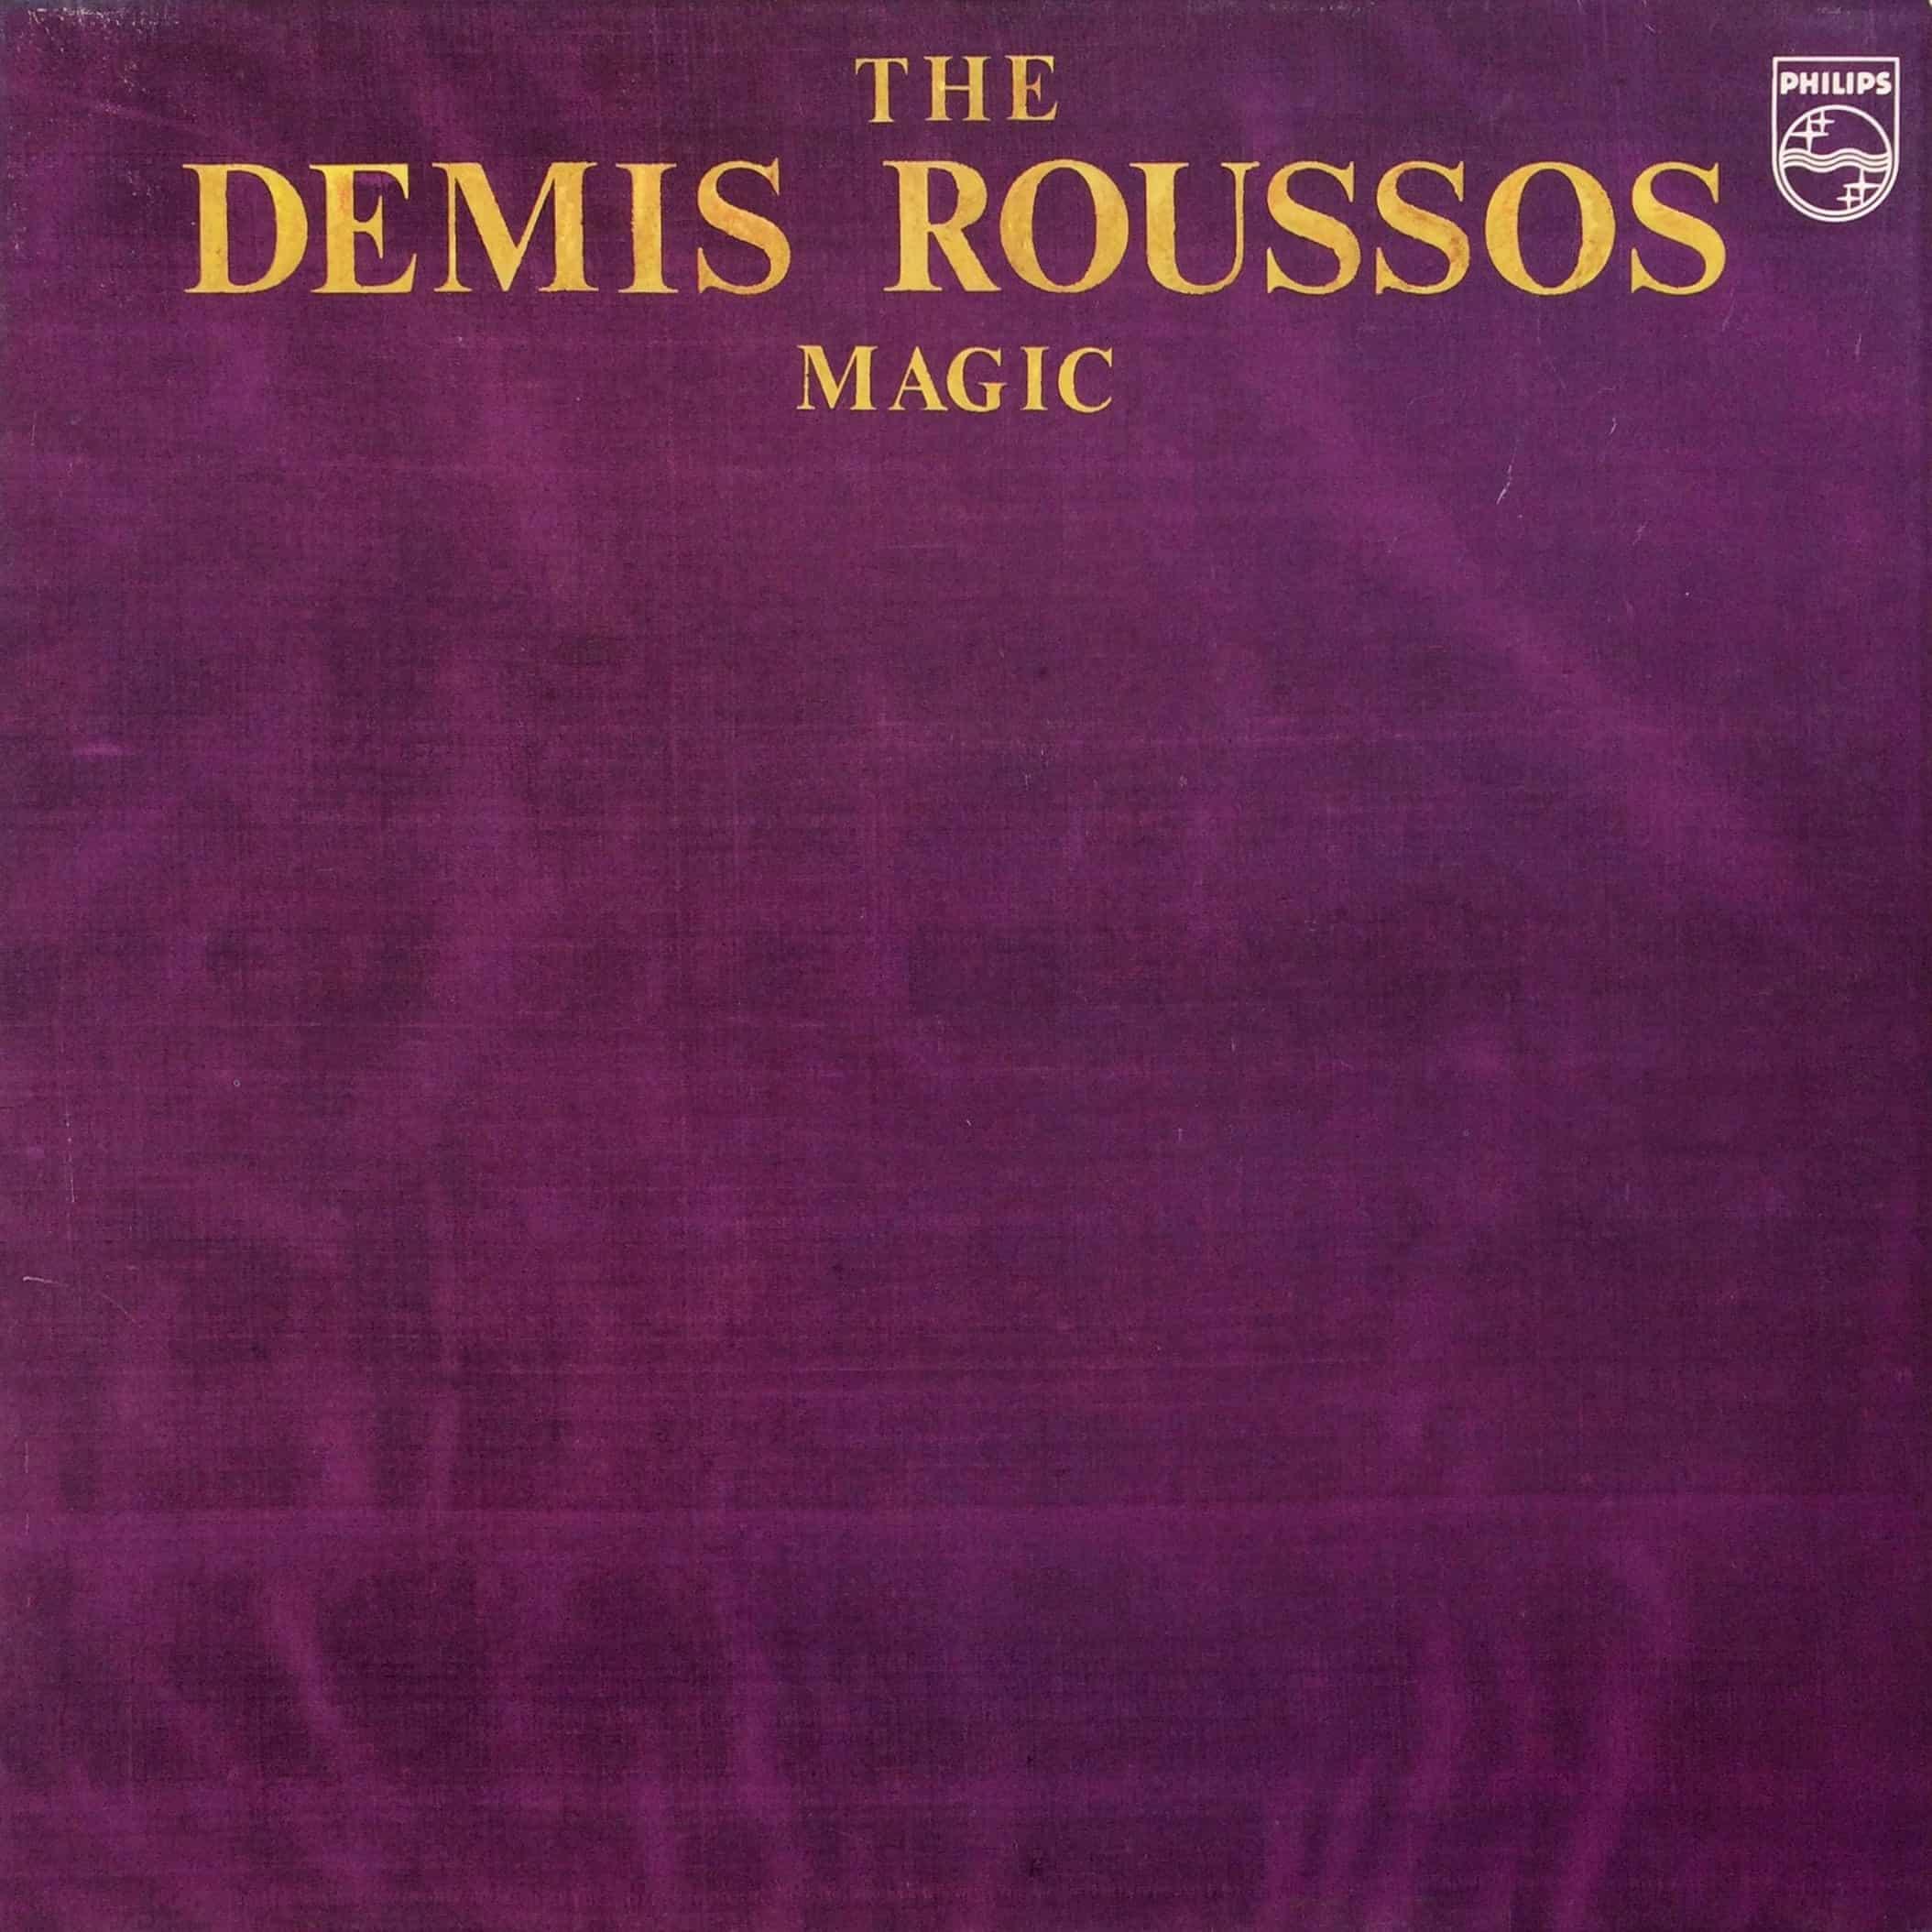 Demis Roussos – The Demis Roussos Magic